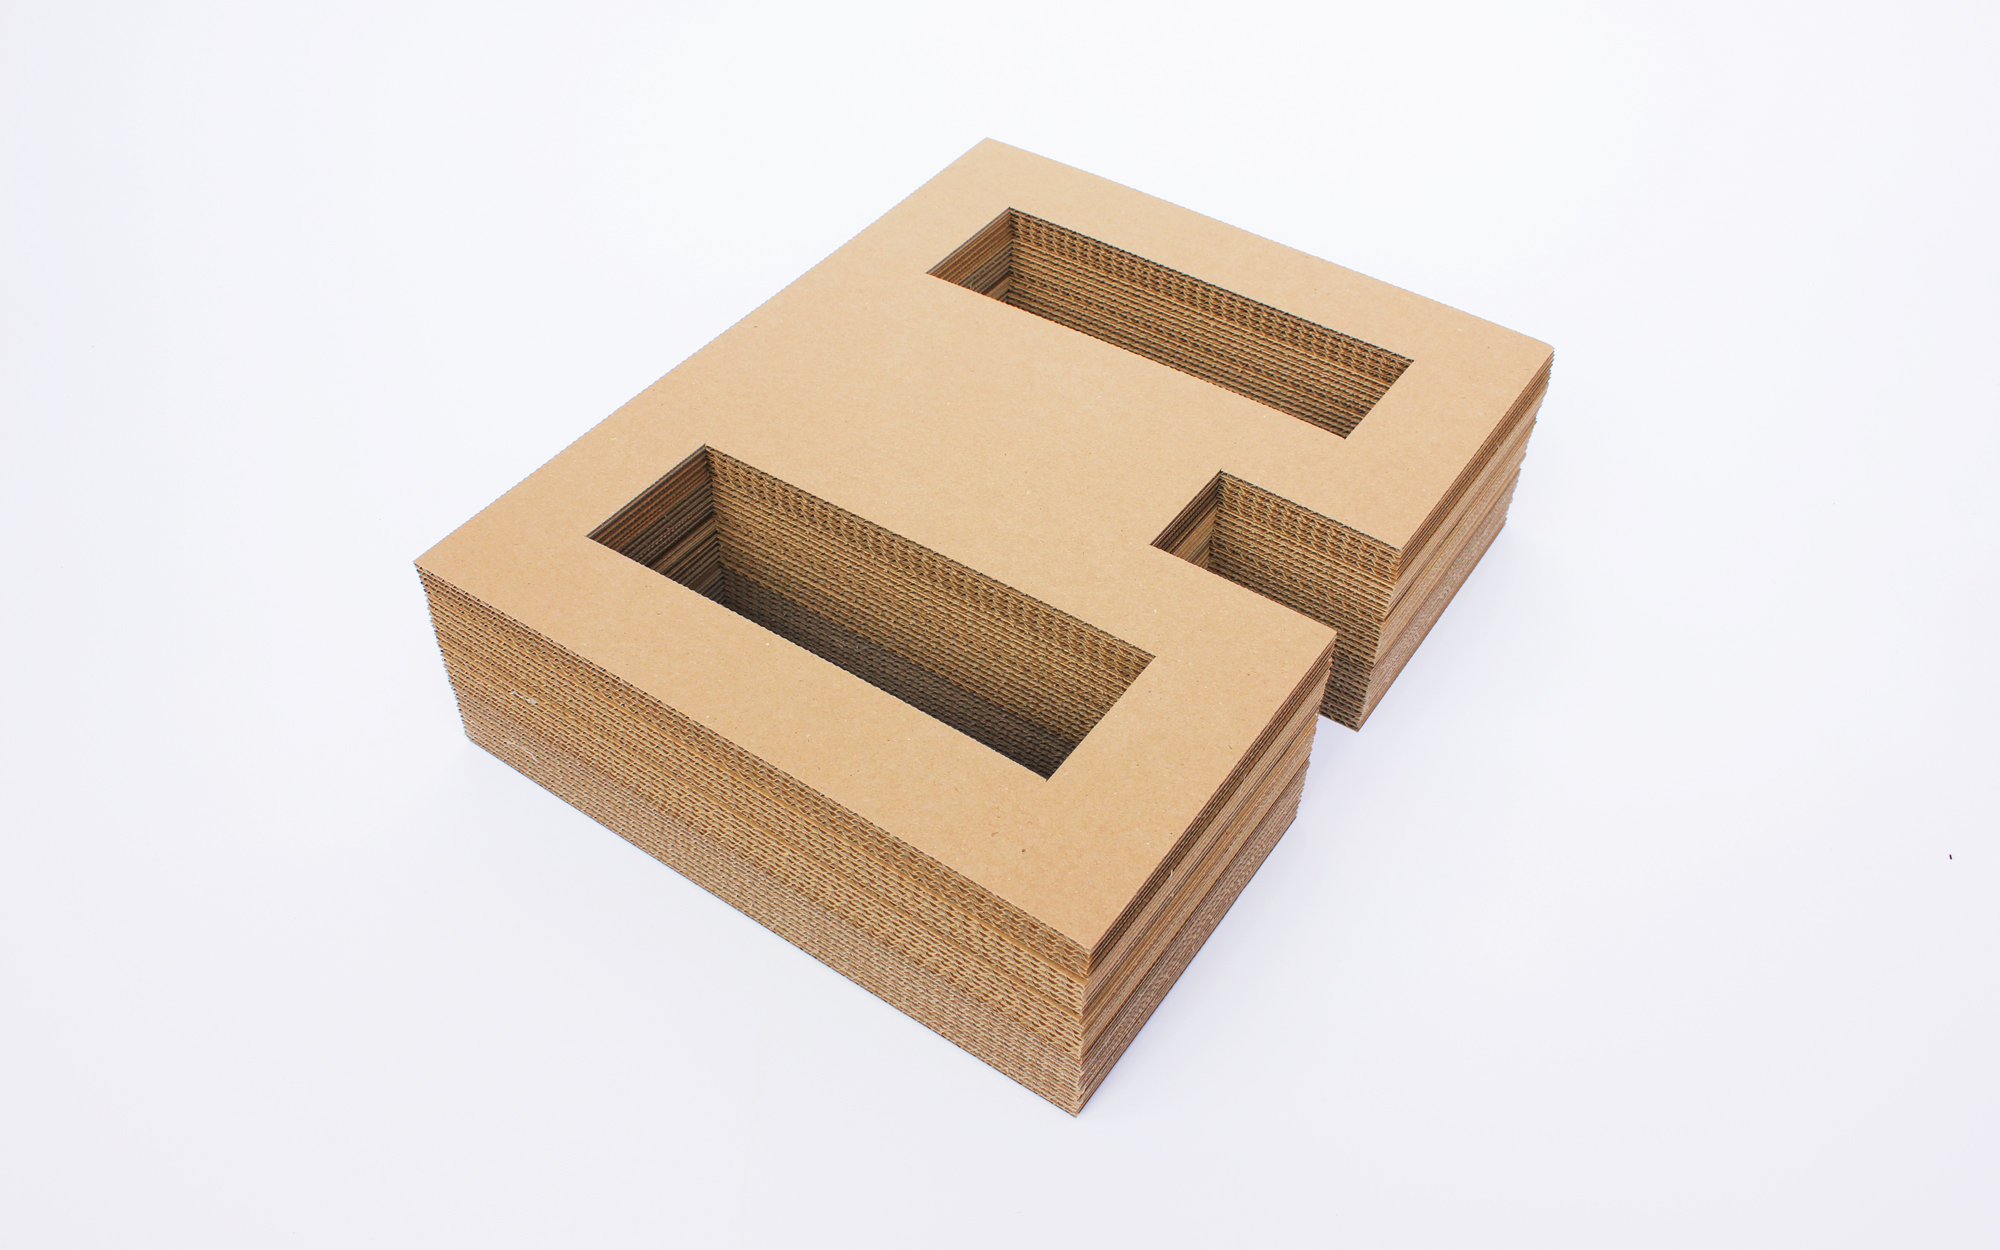 reuse_type_cardboard_typography_matthew_pomorski_graphic_designer_kent_4